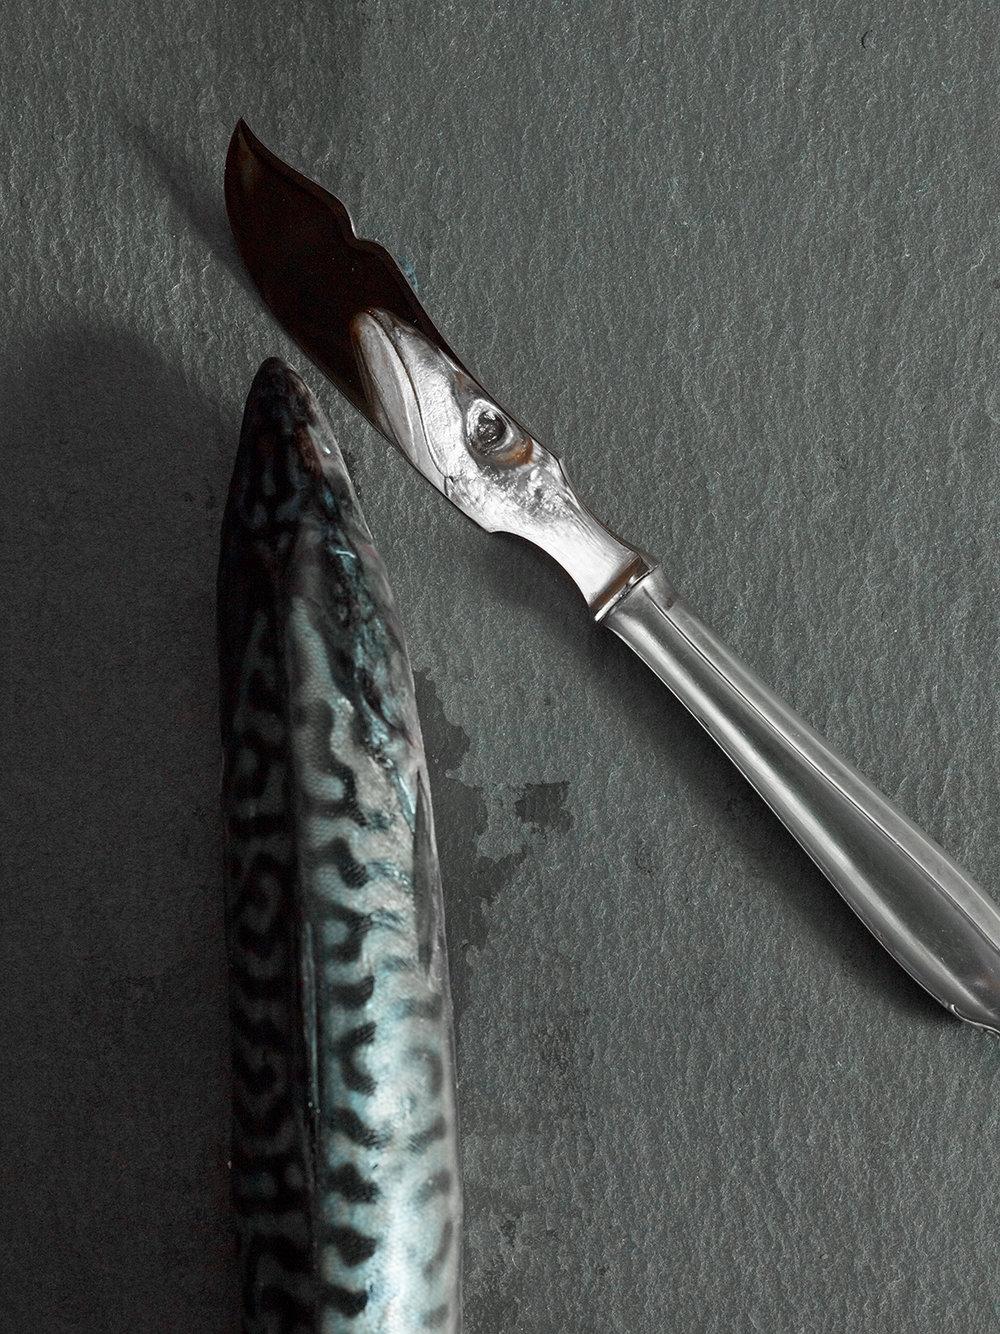 Fisch und Fischmesser Still Life